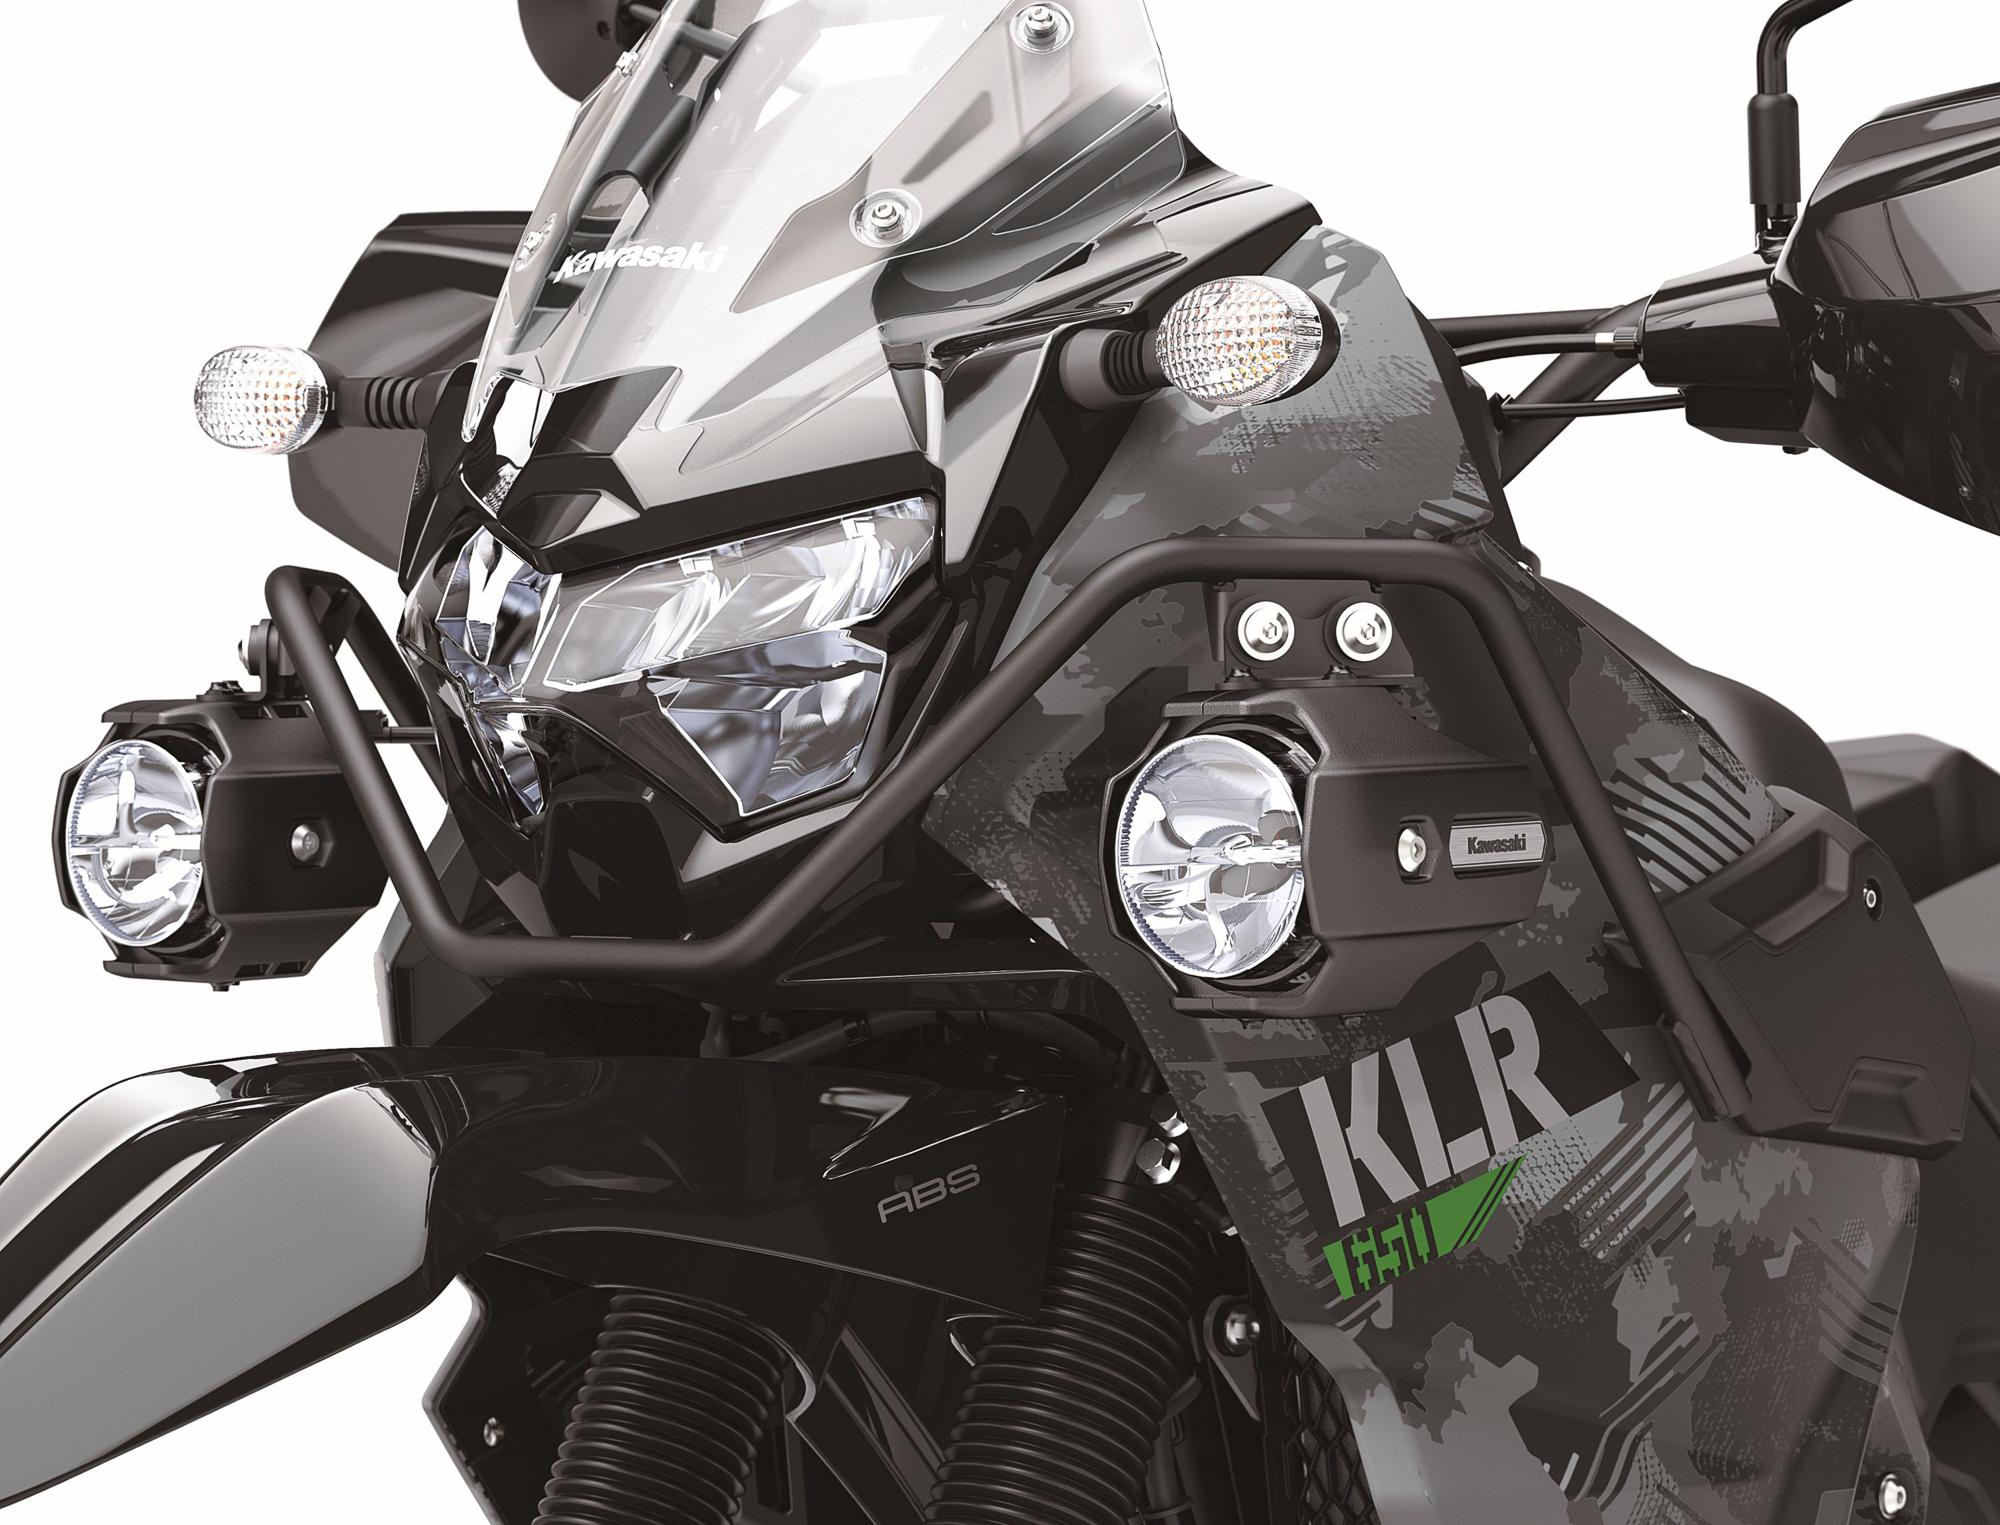 kawasaki KLR 650 front